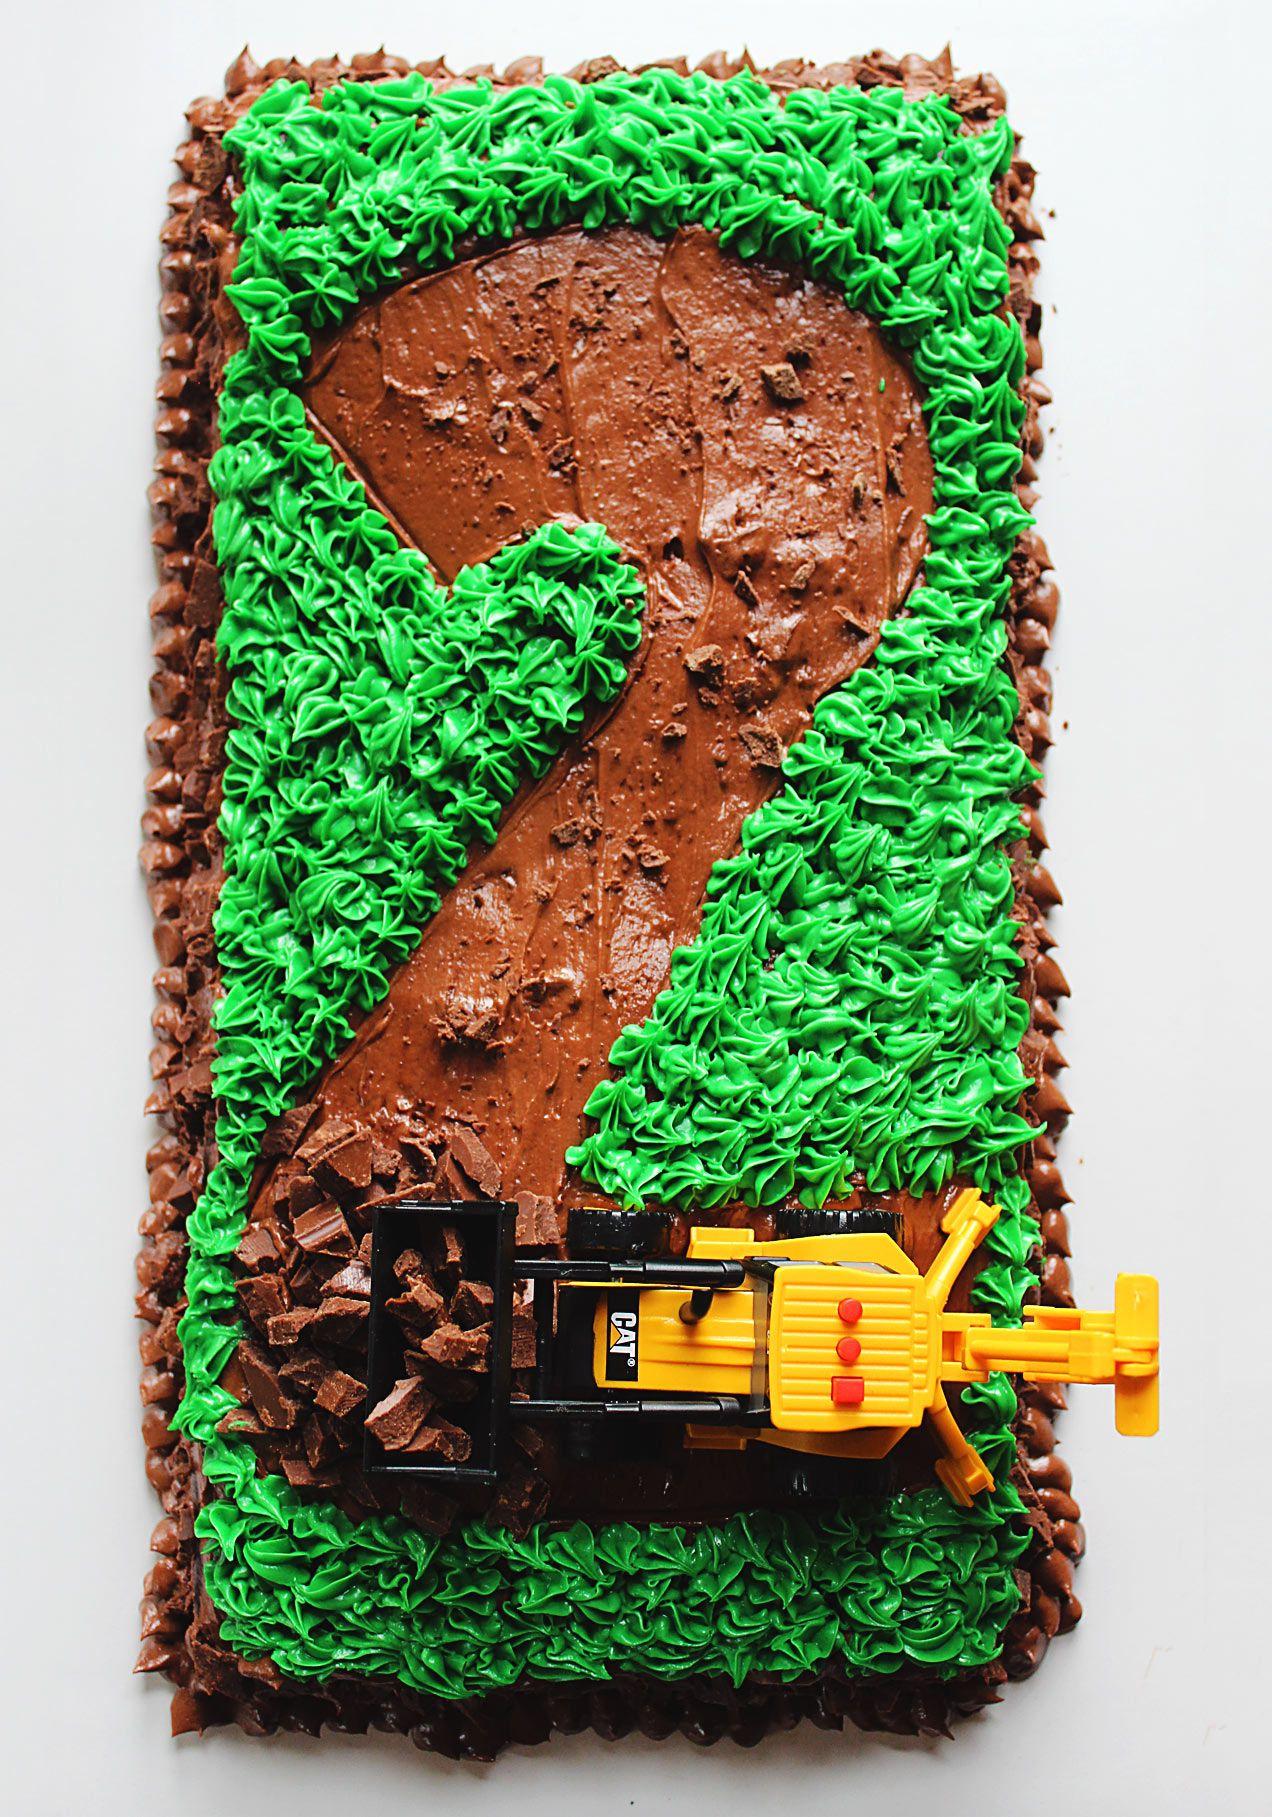 Pin by tonya corley on birthday cake ideas Pinterest Birthdays